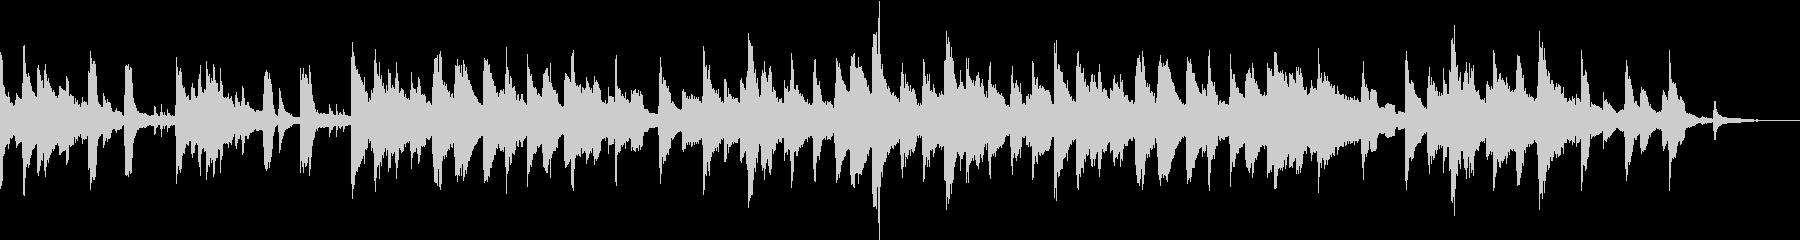 ジャズ・ミディアム・ライト・ピアノの未再生の波形